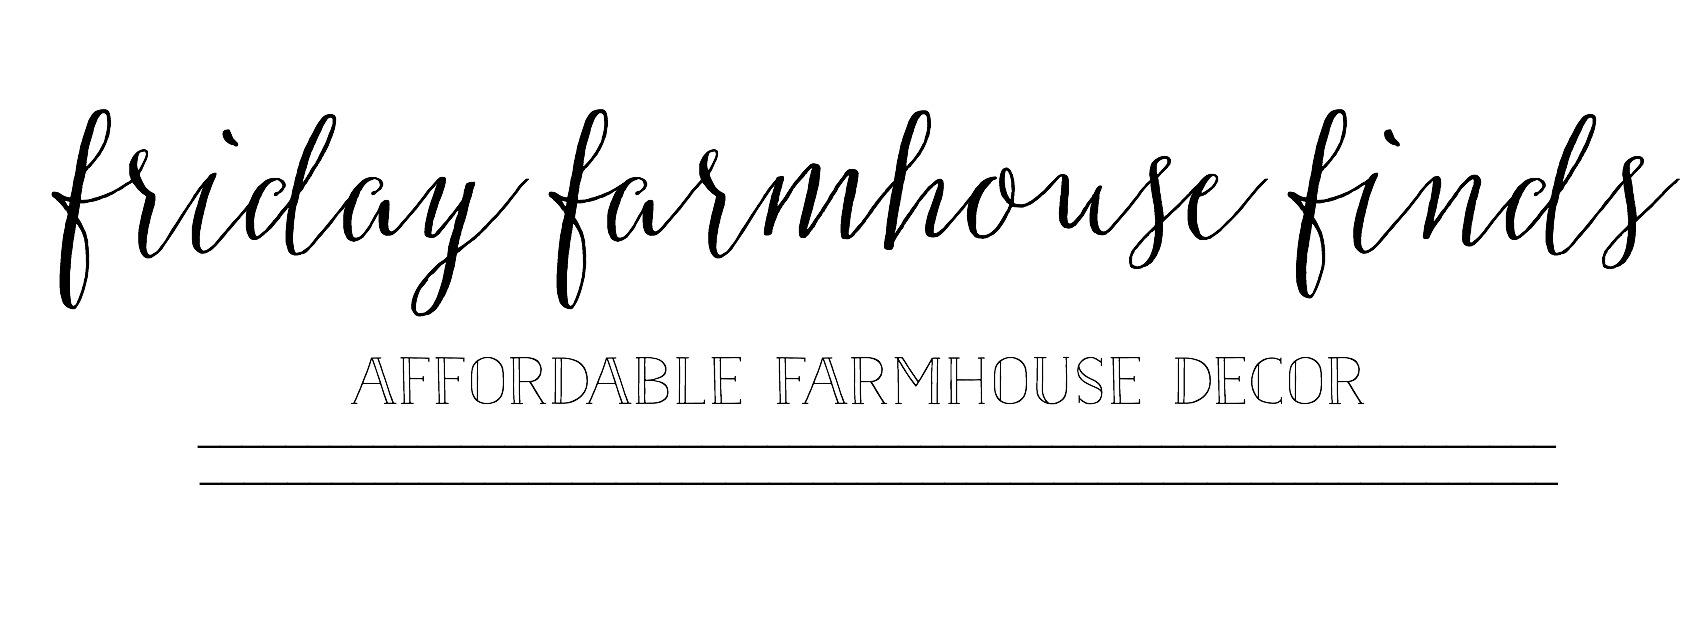 Friday Farmhouse Finds- Affordable Farmhouse Decor